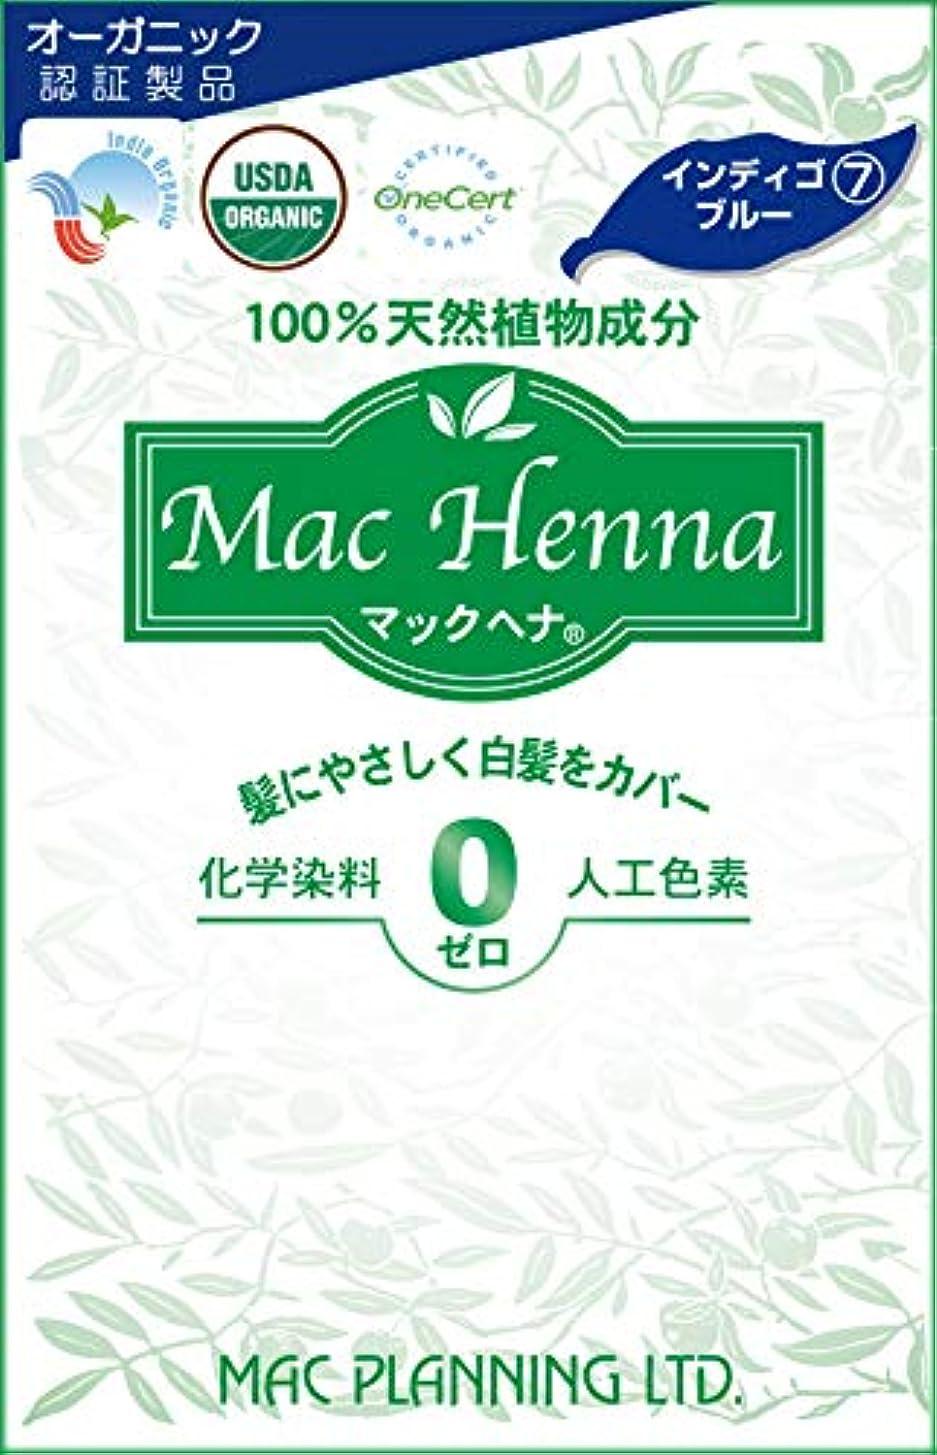 くしゃみ偽善不透明なマックヘナ インディゴブルー50g+50g(インディゴ100%) 100%天然